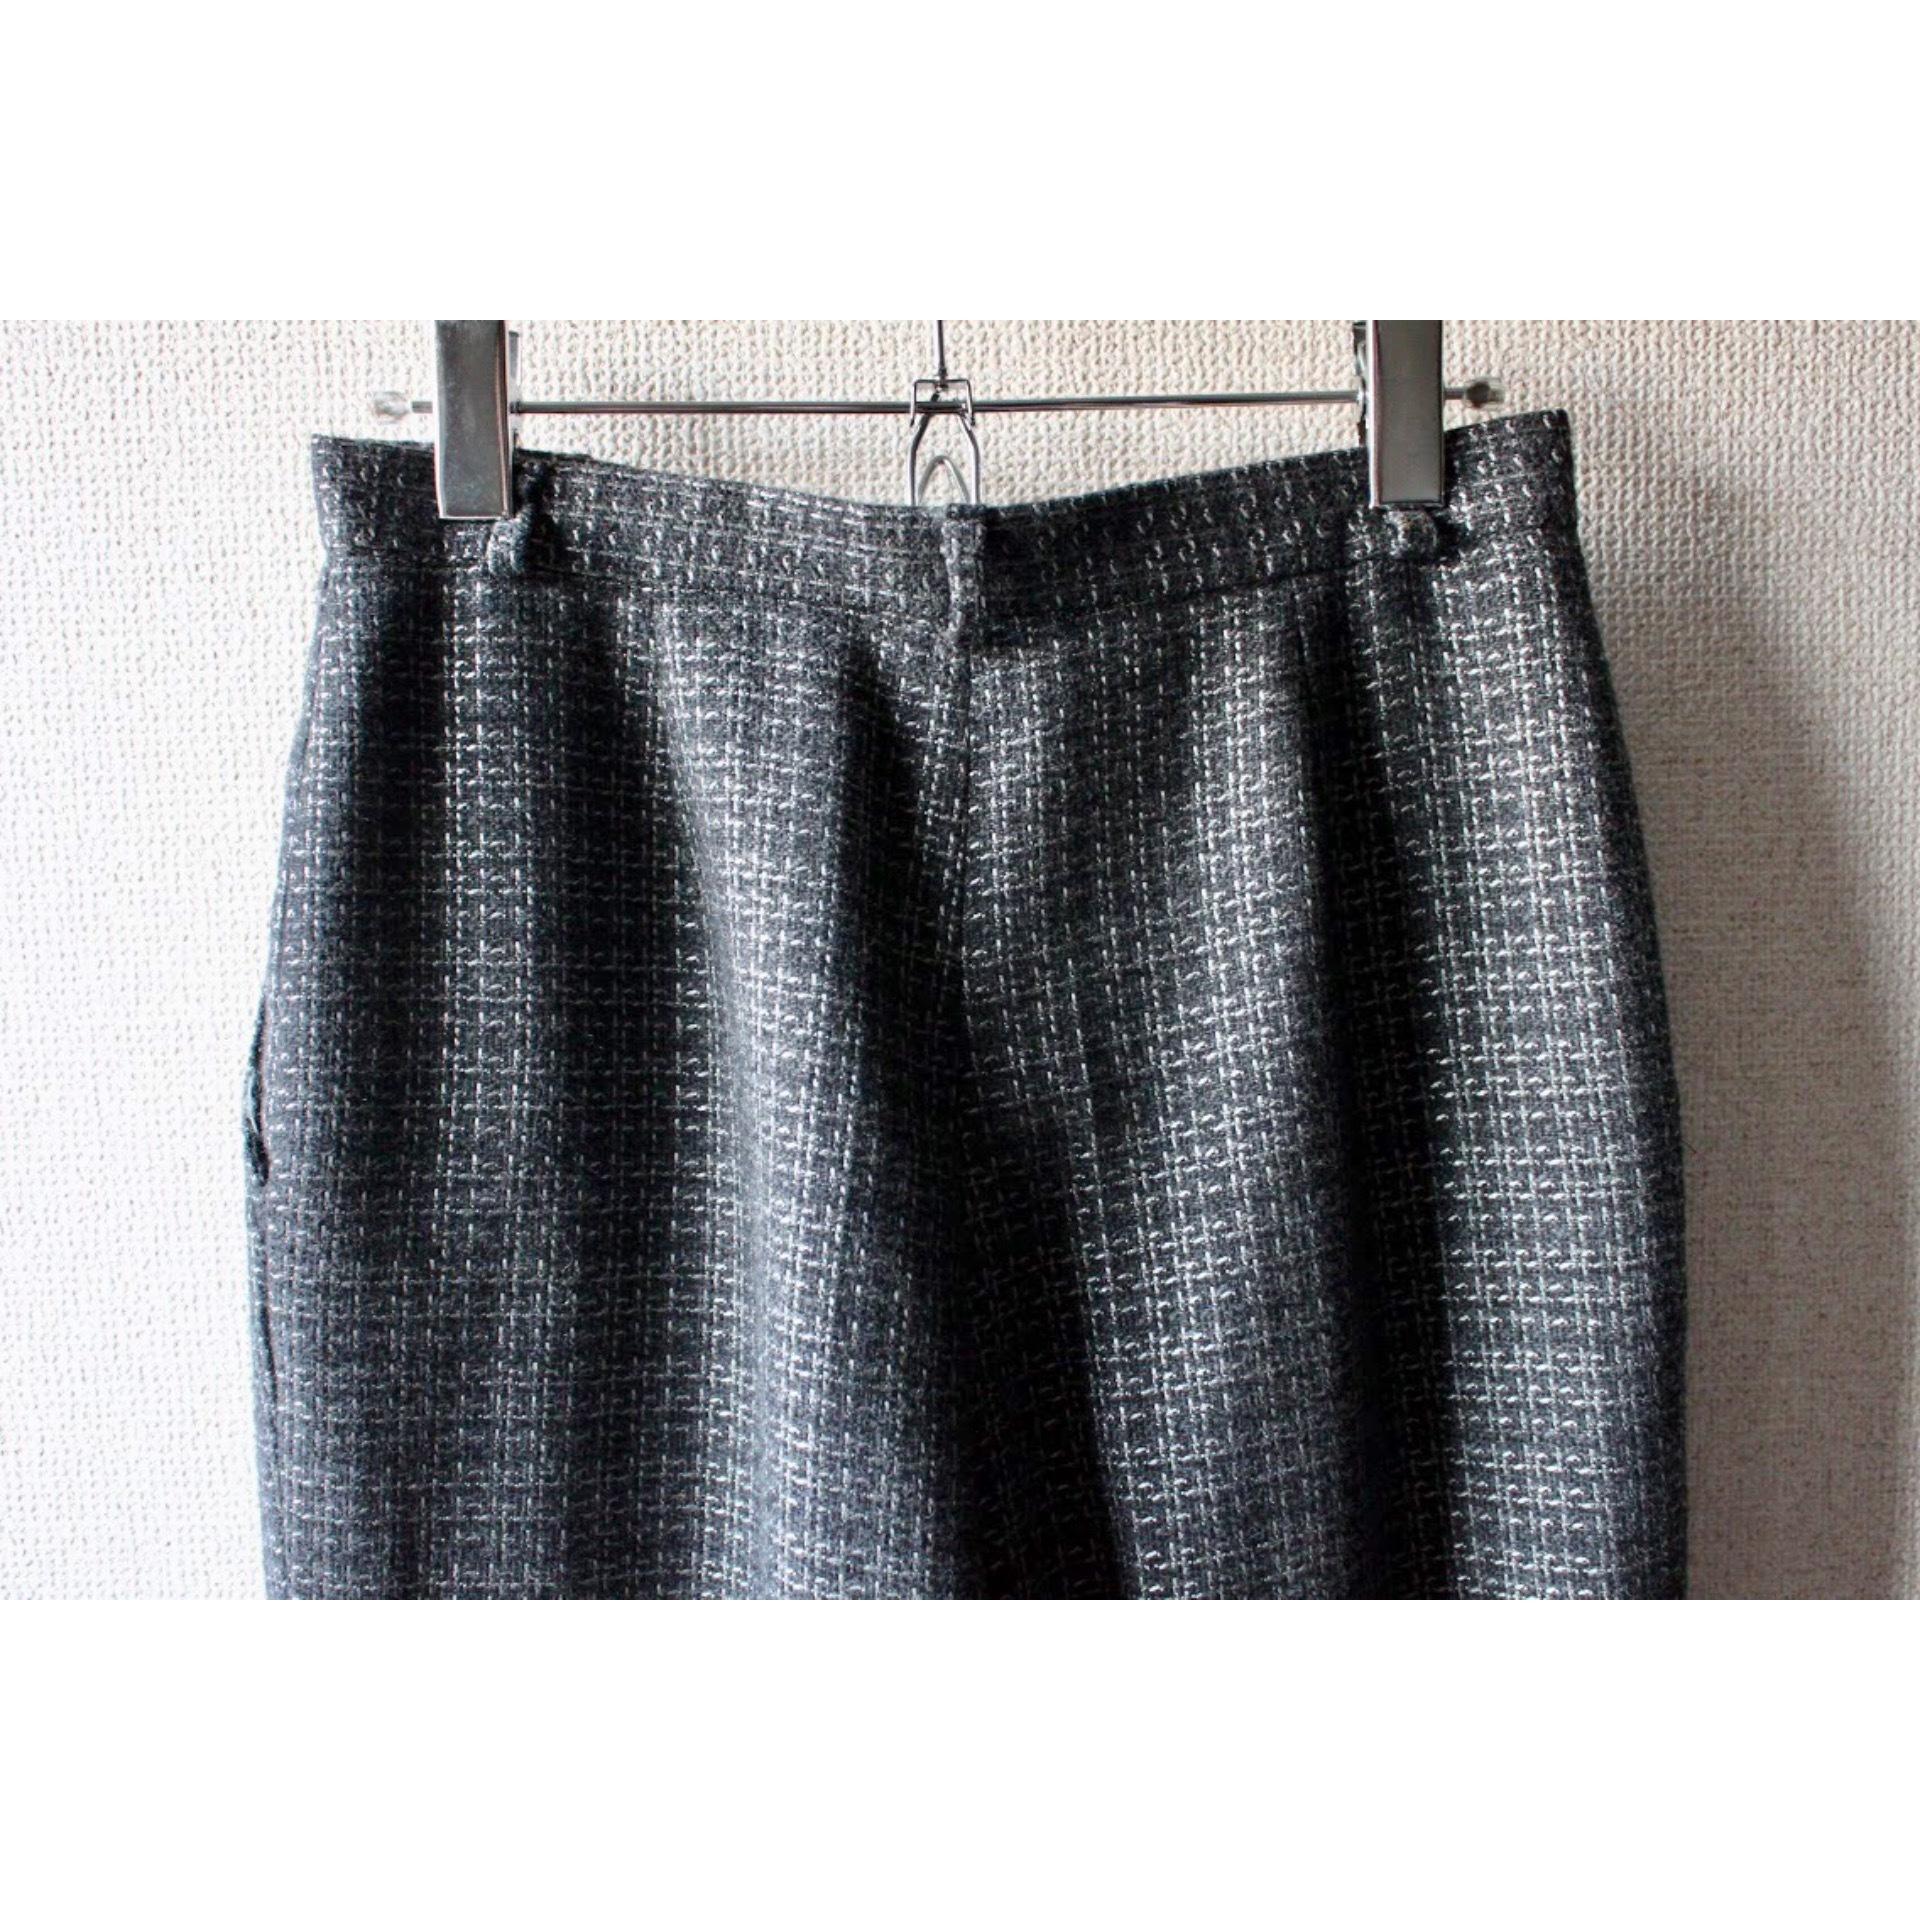 Vintage monotone slacks